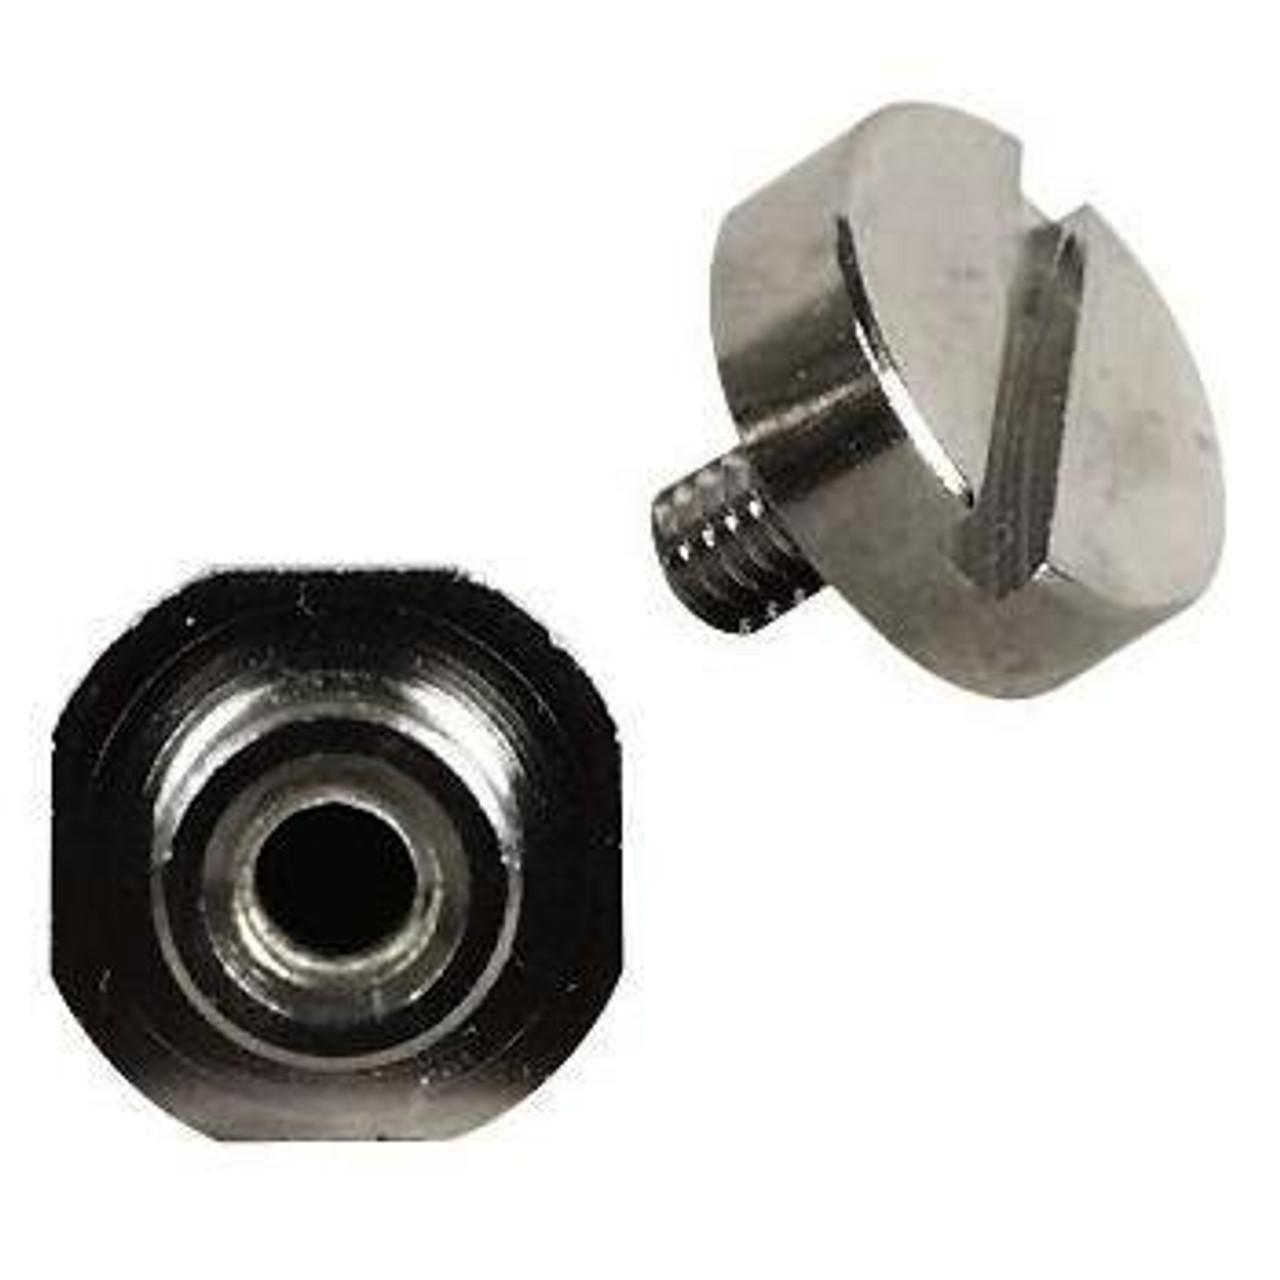 TonePros Locking USA Studs-Nickel